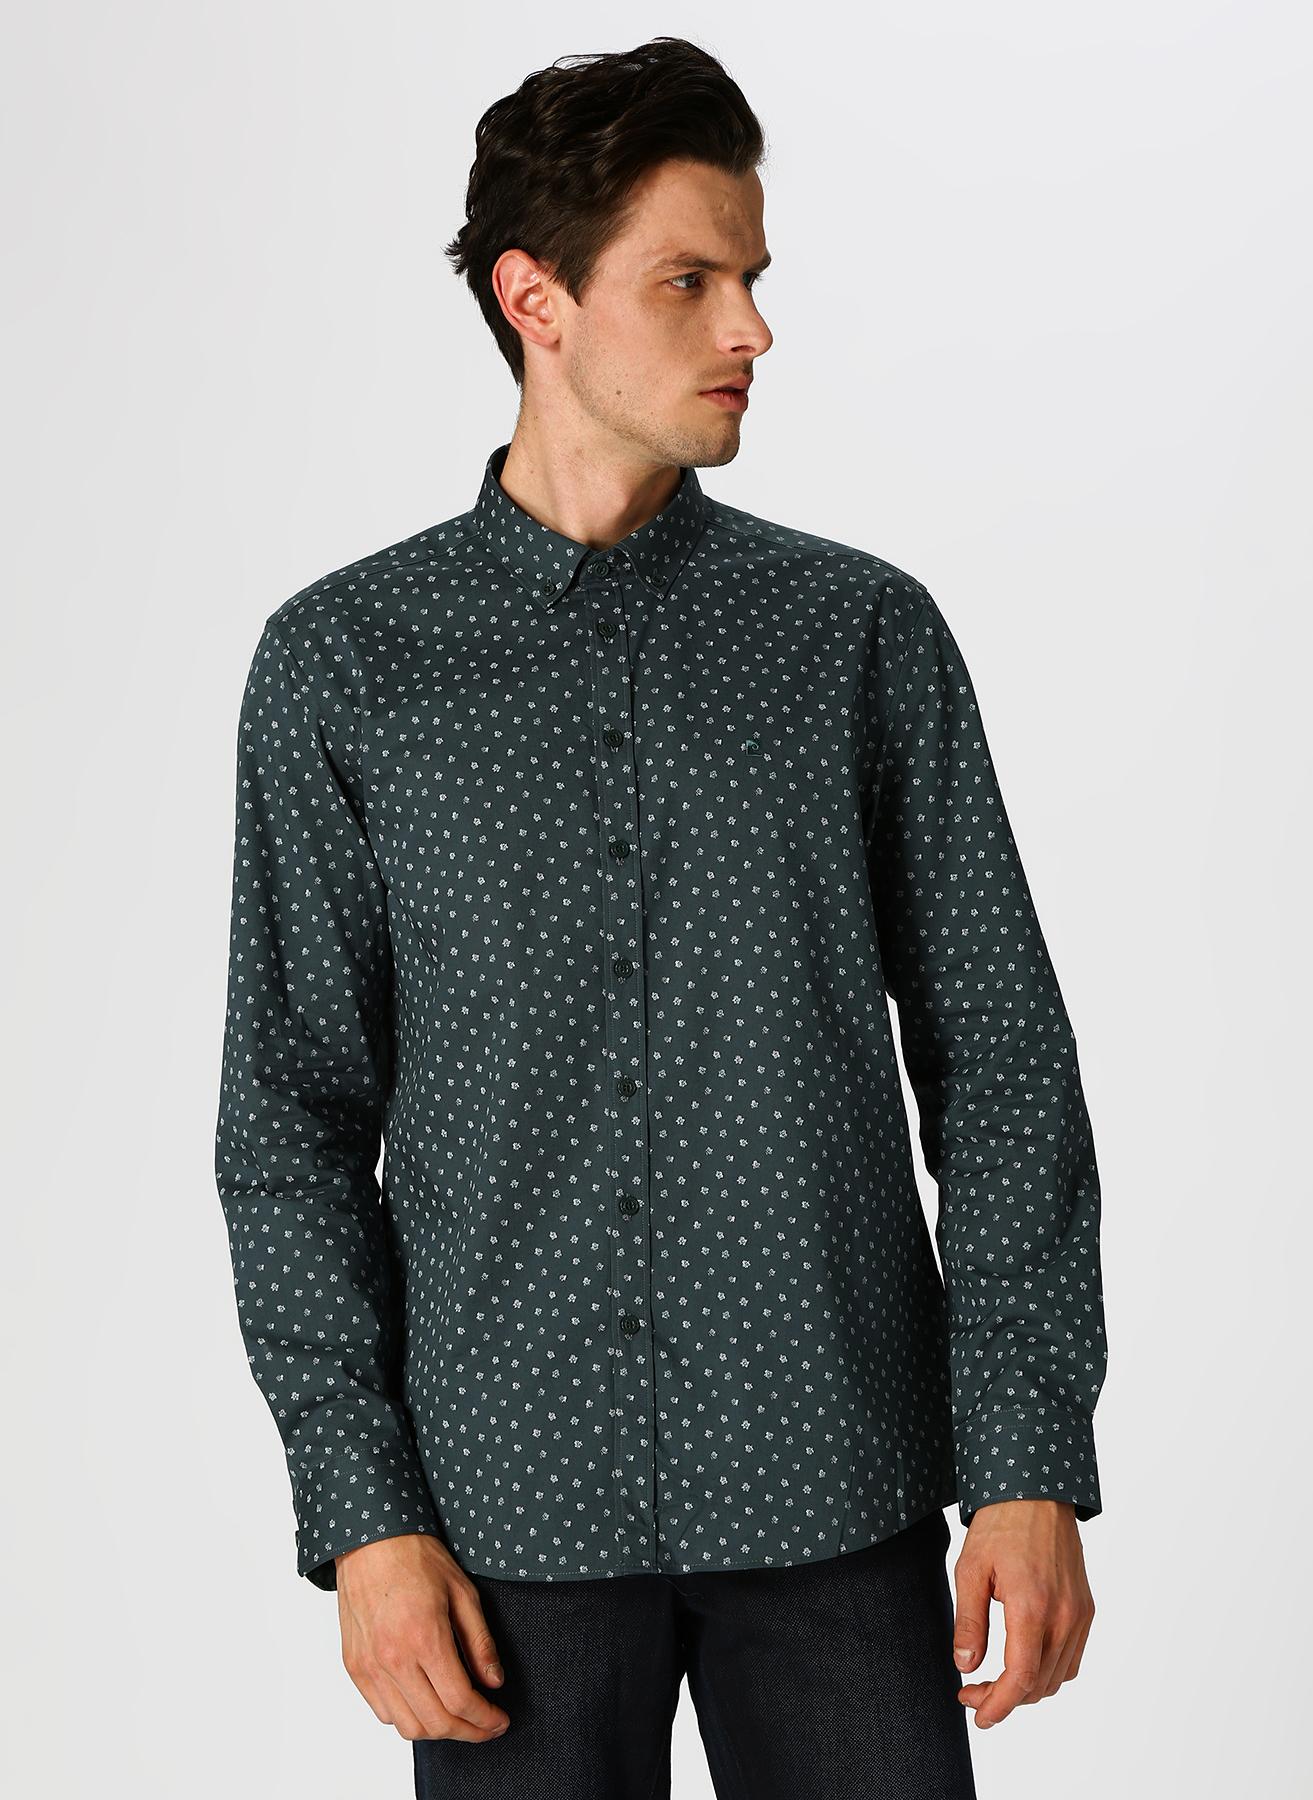 Pierre Cardin Desenli Yeşil Gömlek 2XL 5002313405001 Ürün Resmi